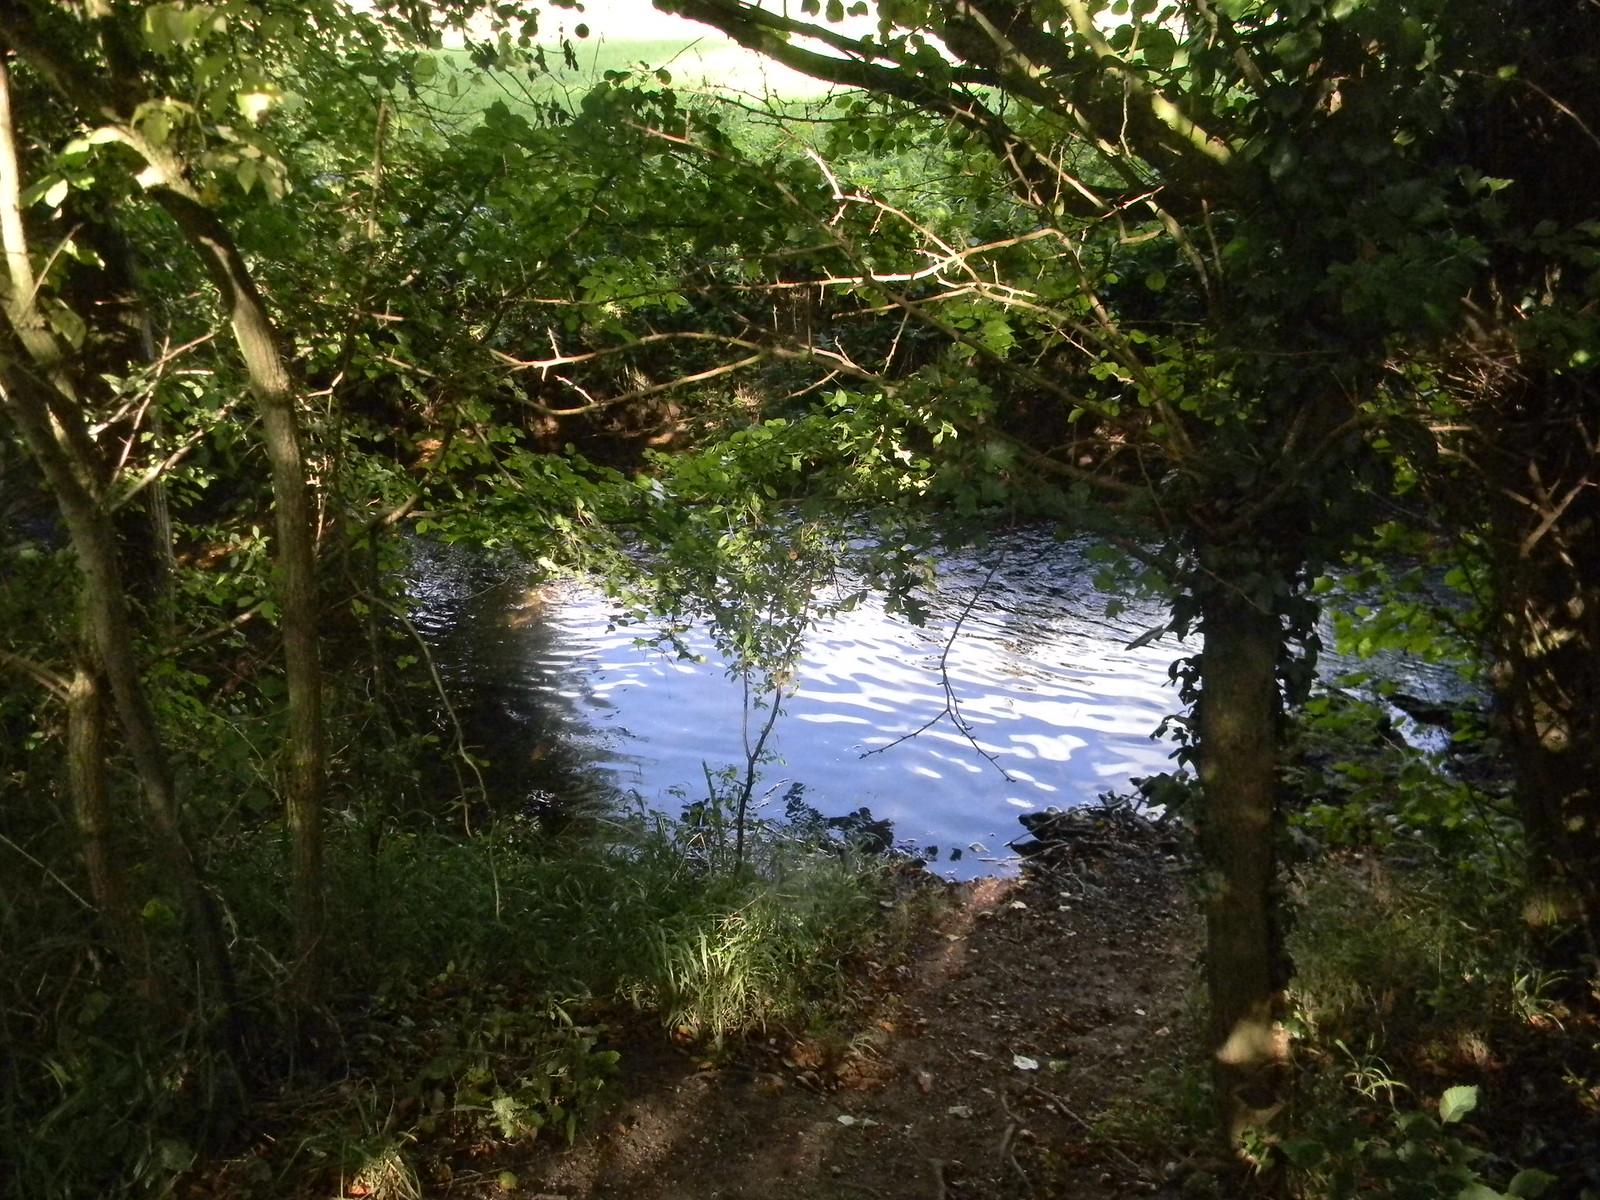 The Ash Roydon to Sawbridgeworth